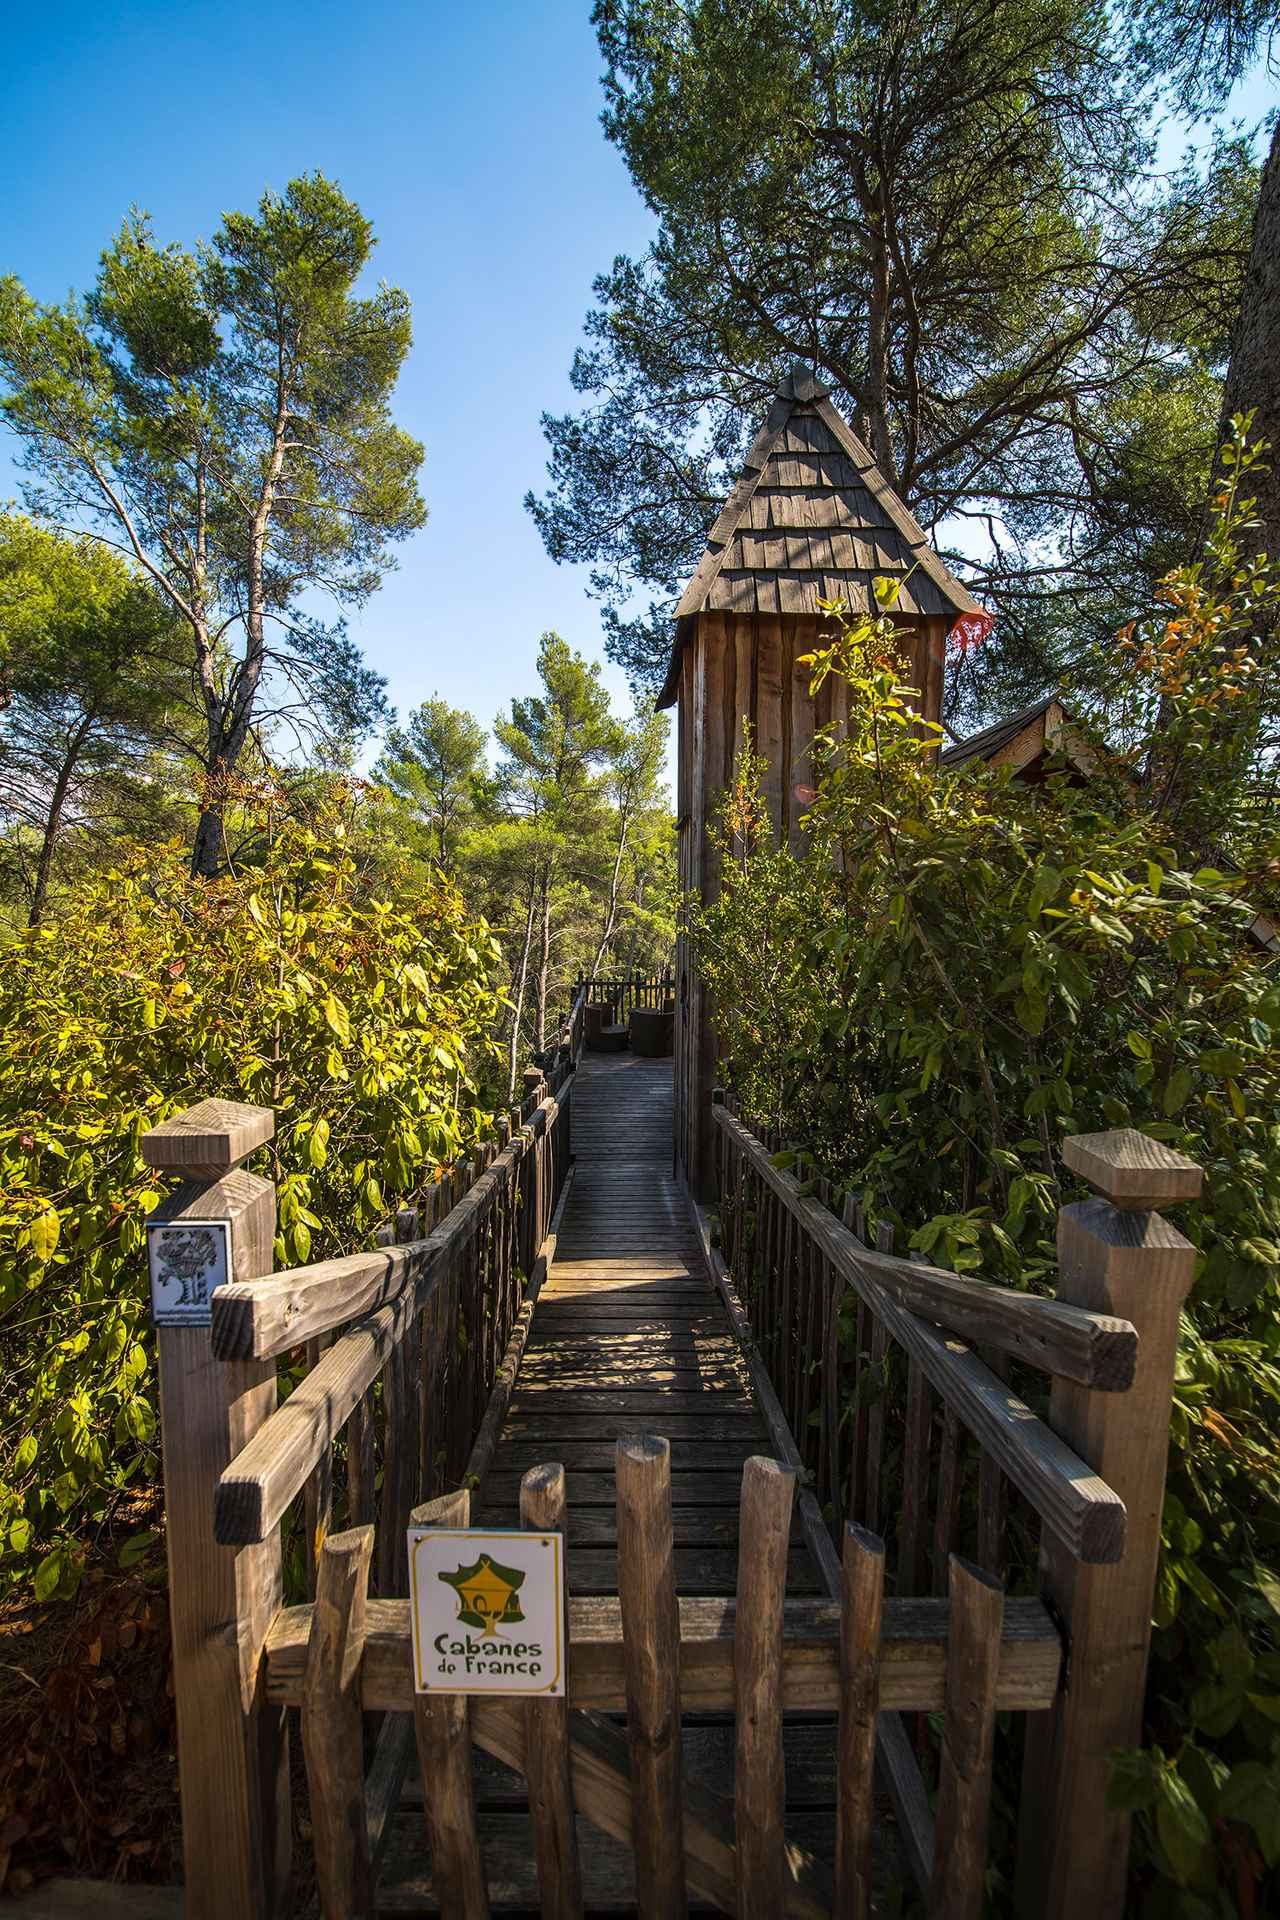 cabane cureuil a fleur de bois cabane dans les arbres en provence alpes c te d 39 azur. Black Bedroom Furniture Sets. Home Design Ideas